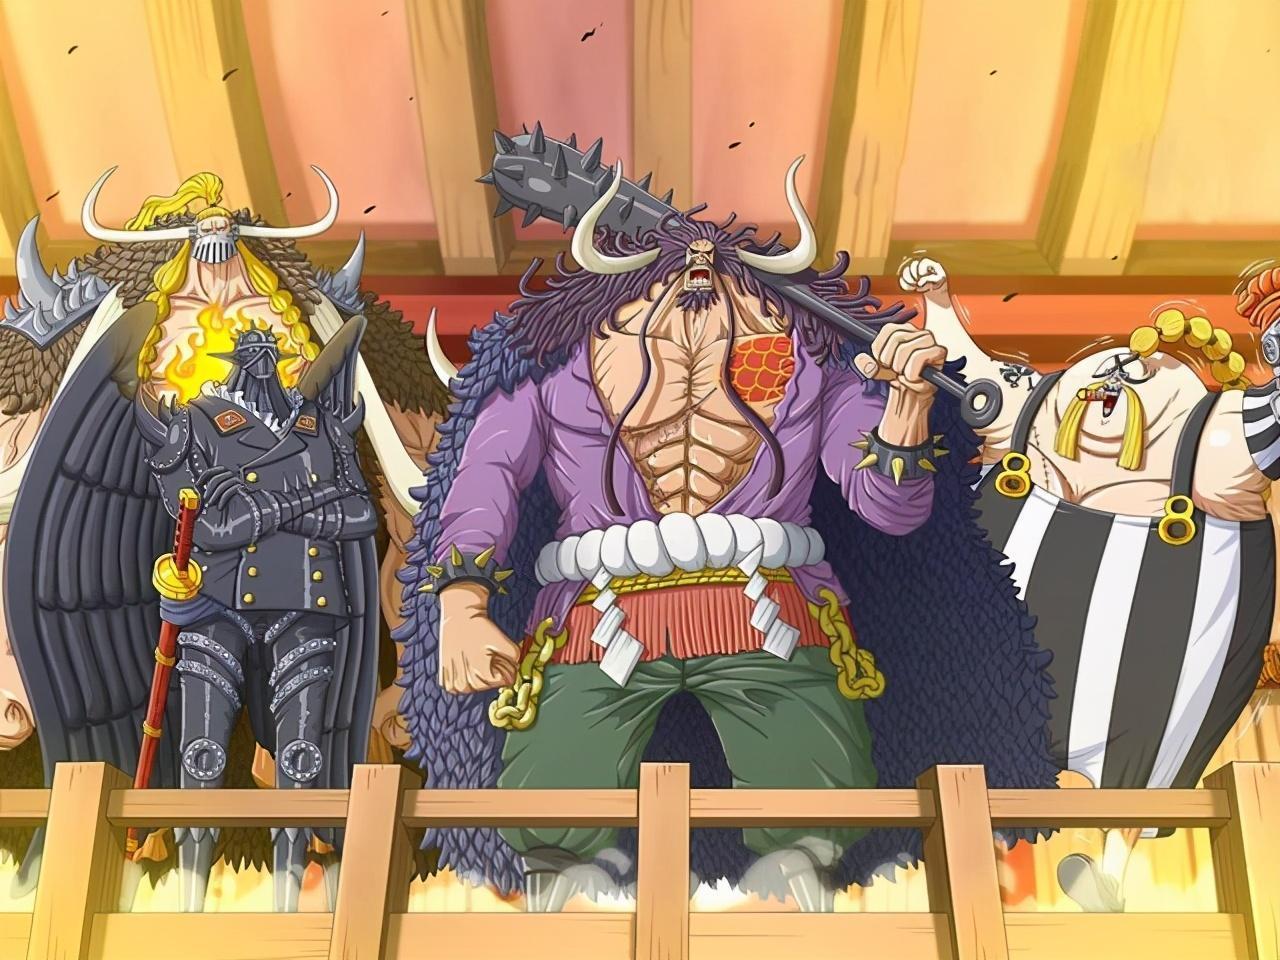 海贼王百兽海贼团内部的几个毒瘤,谁该为失败背锅呢